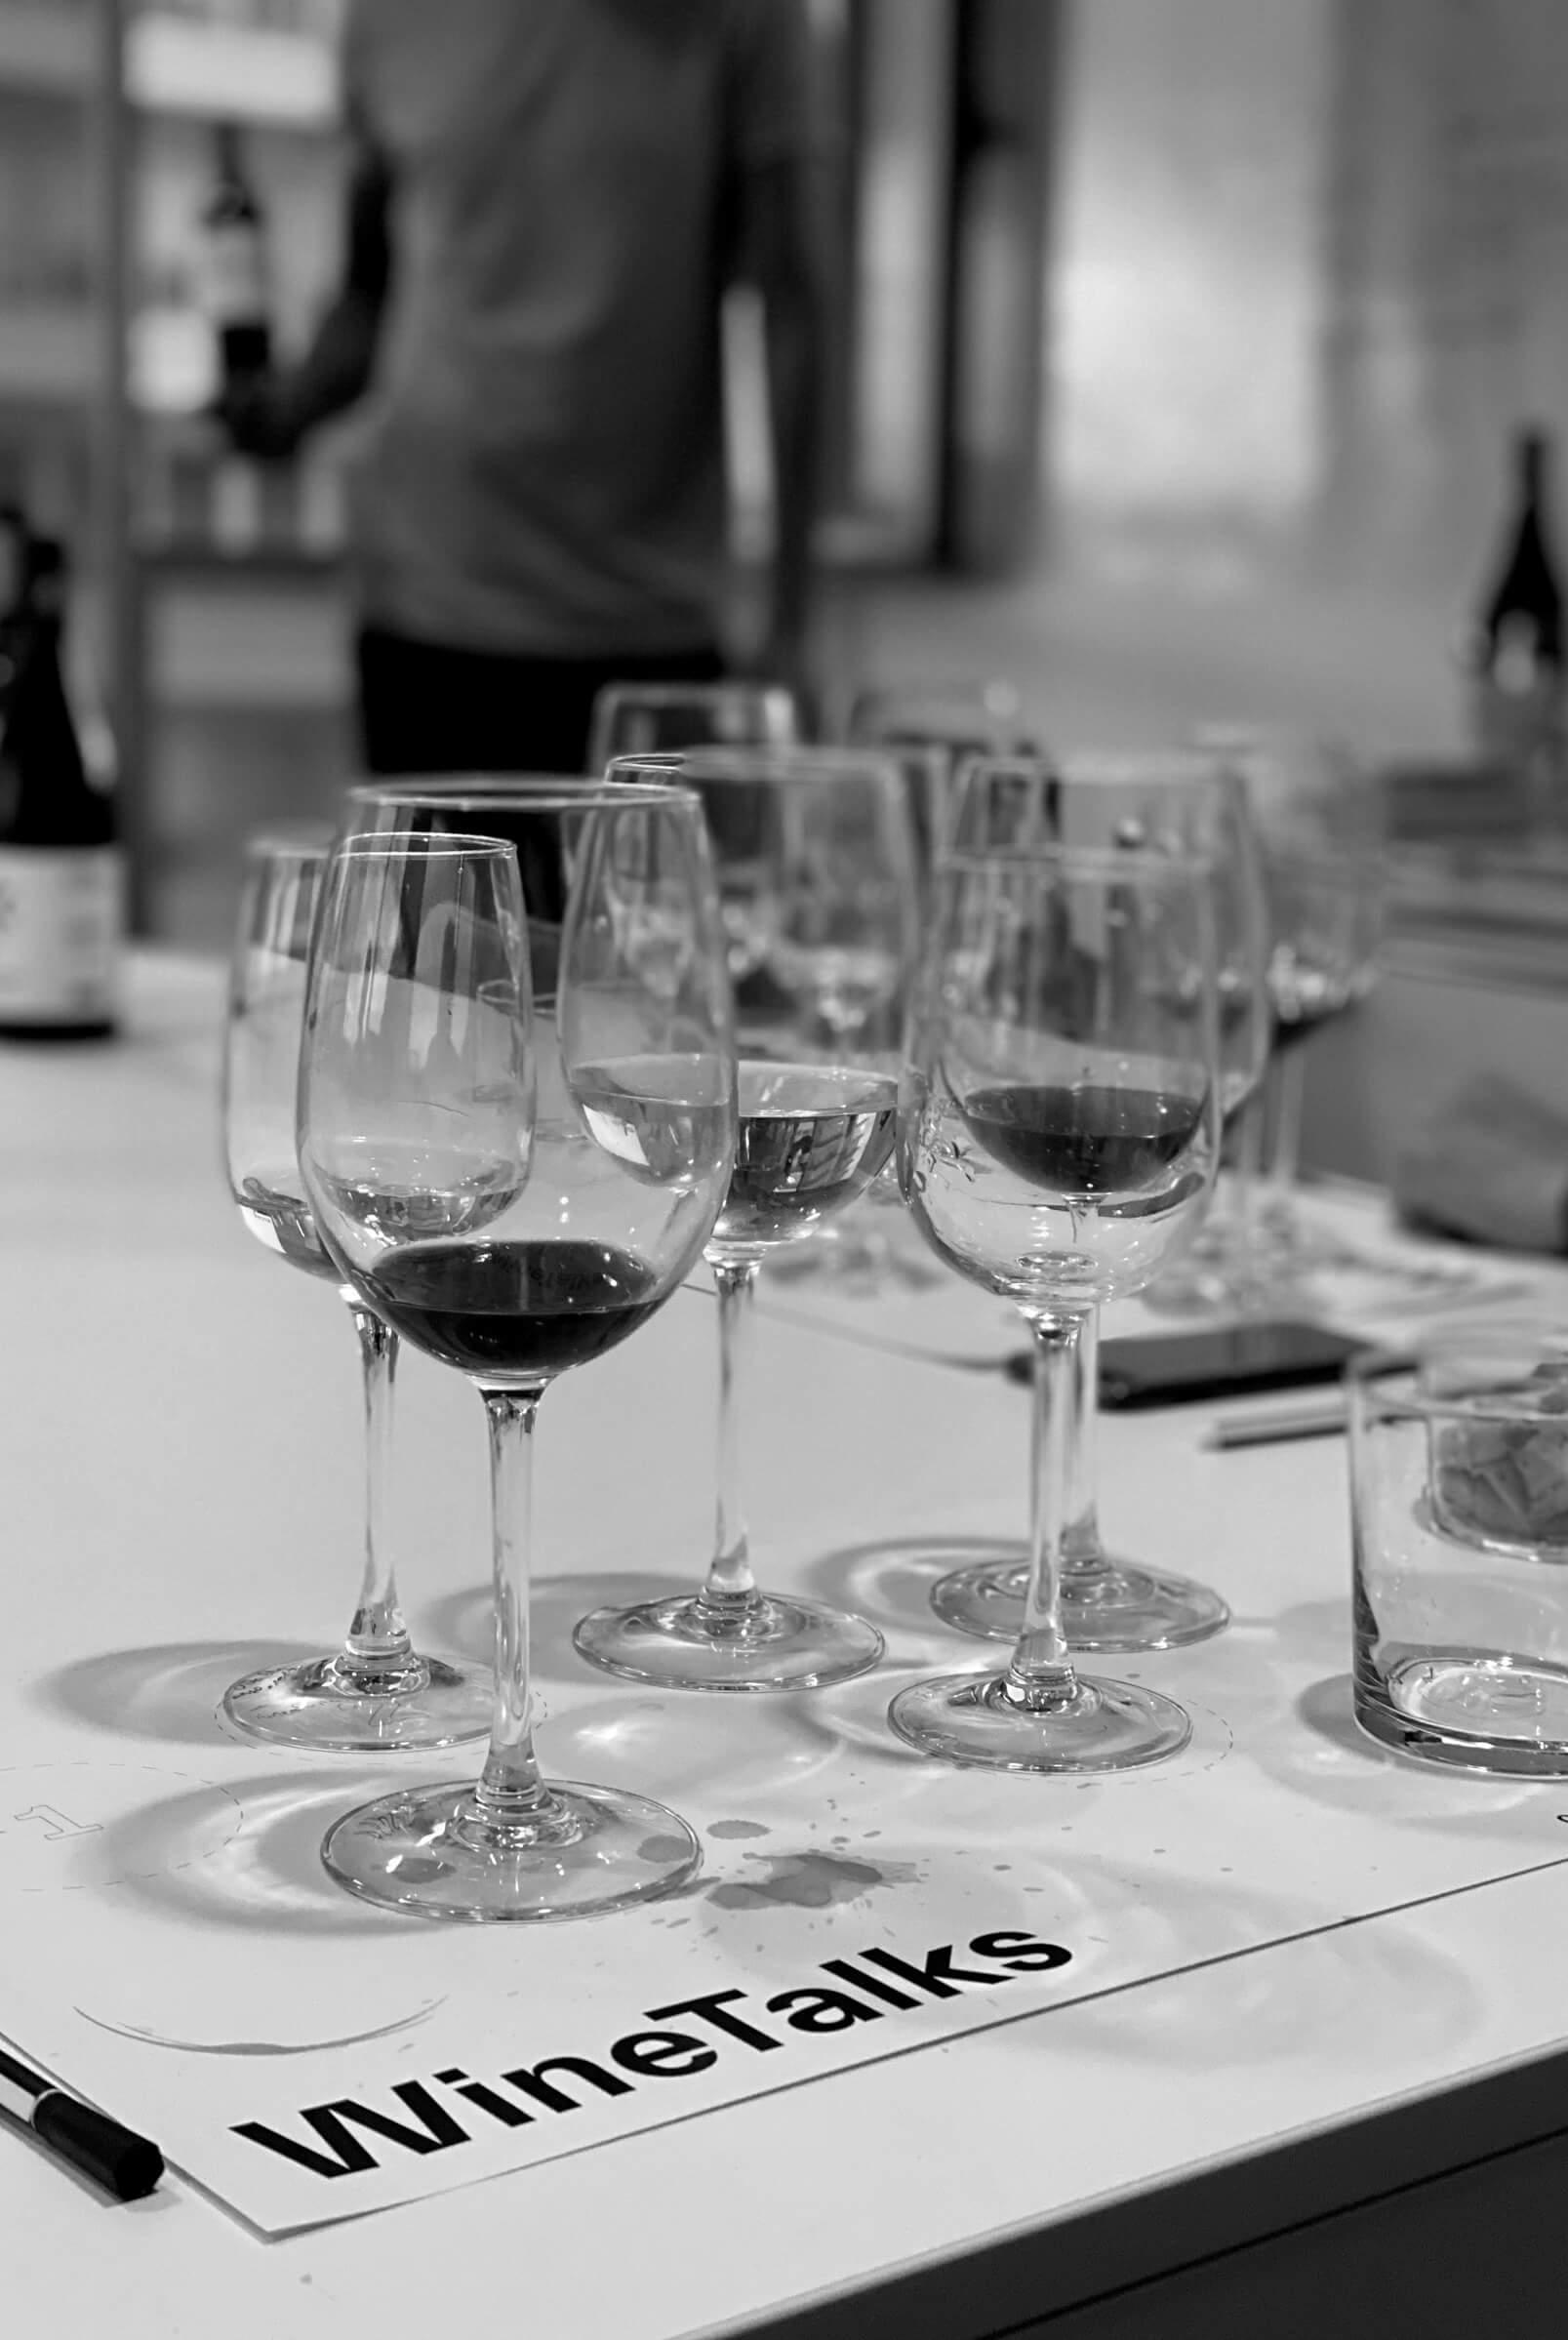 WineTalks 01 20